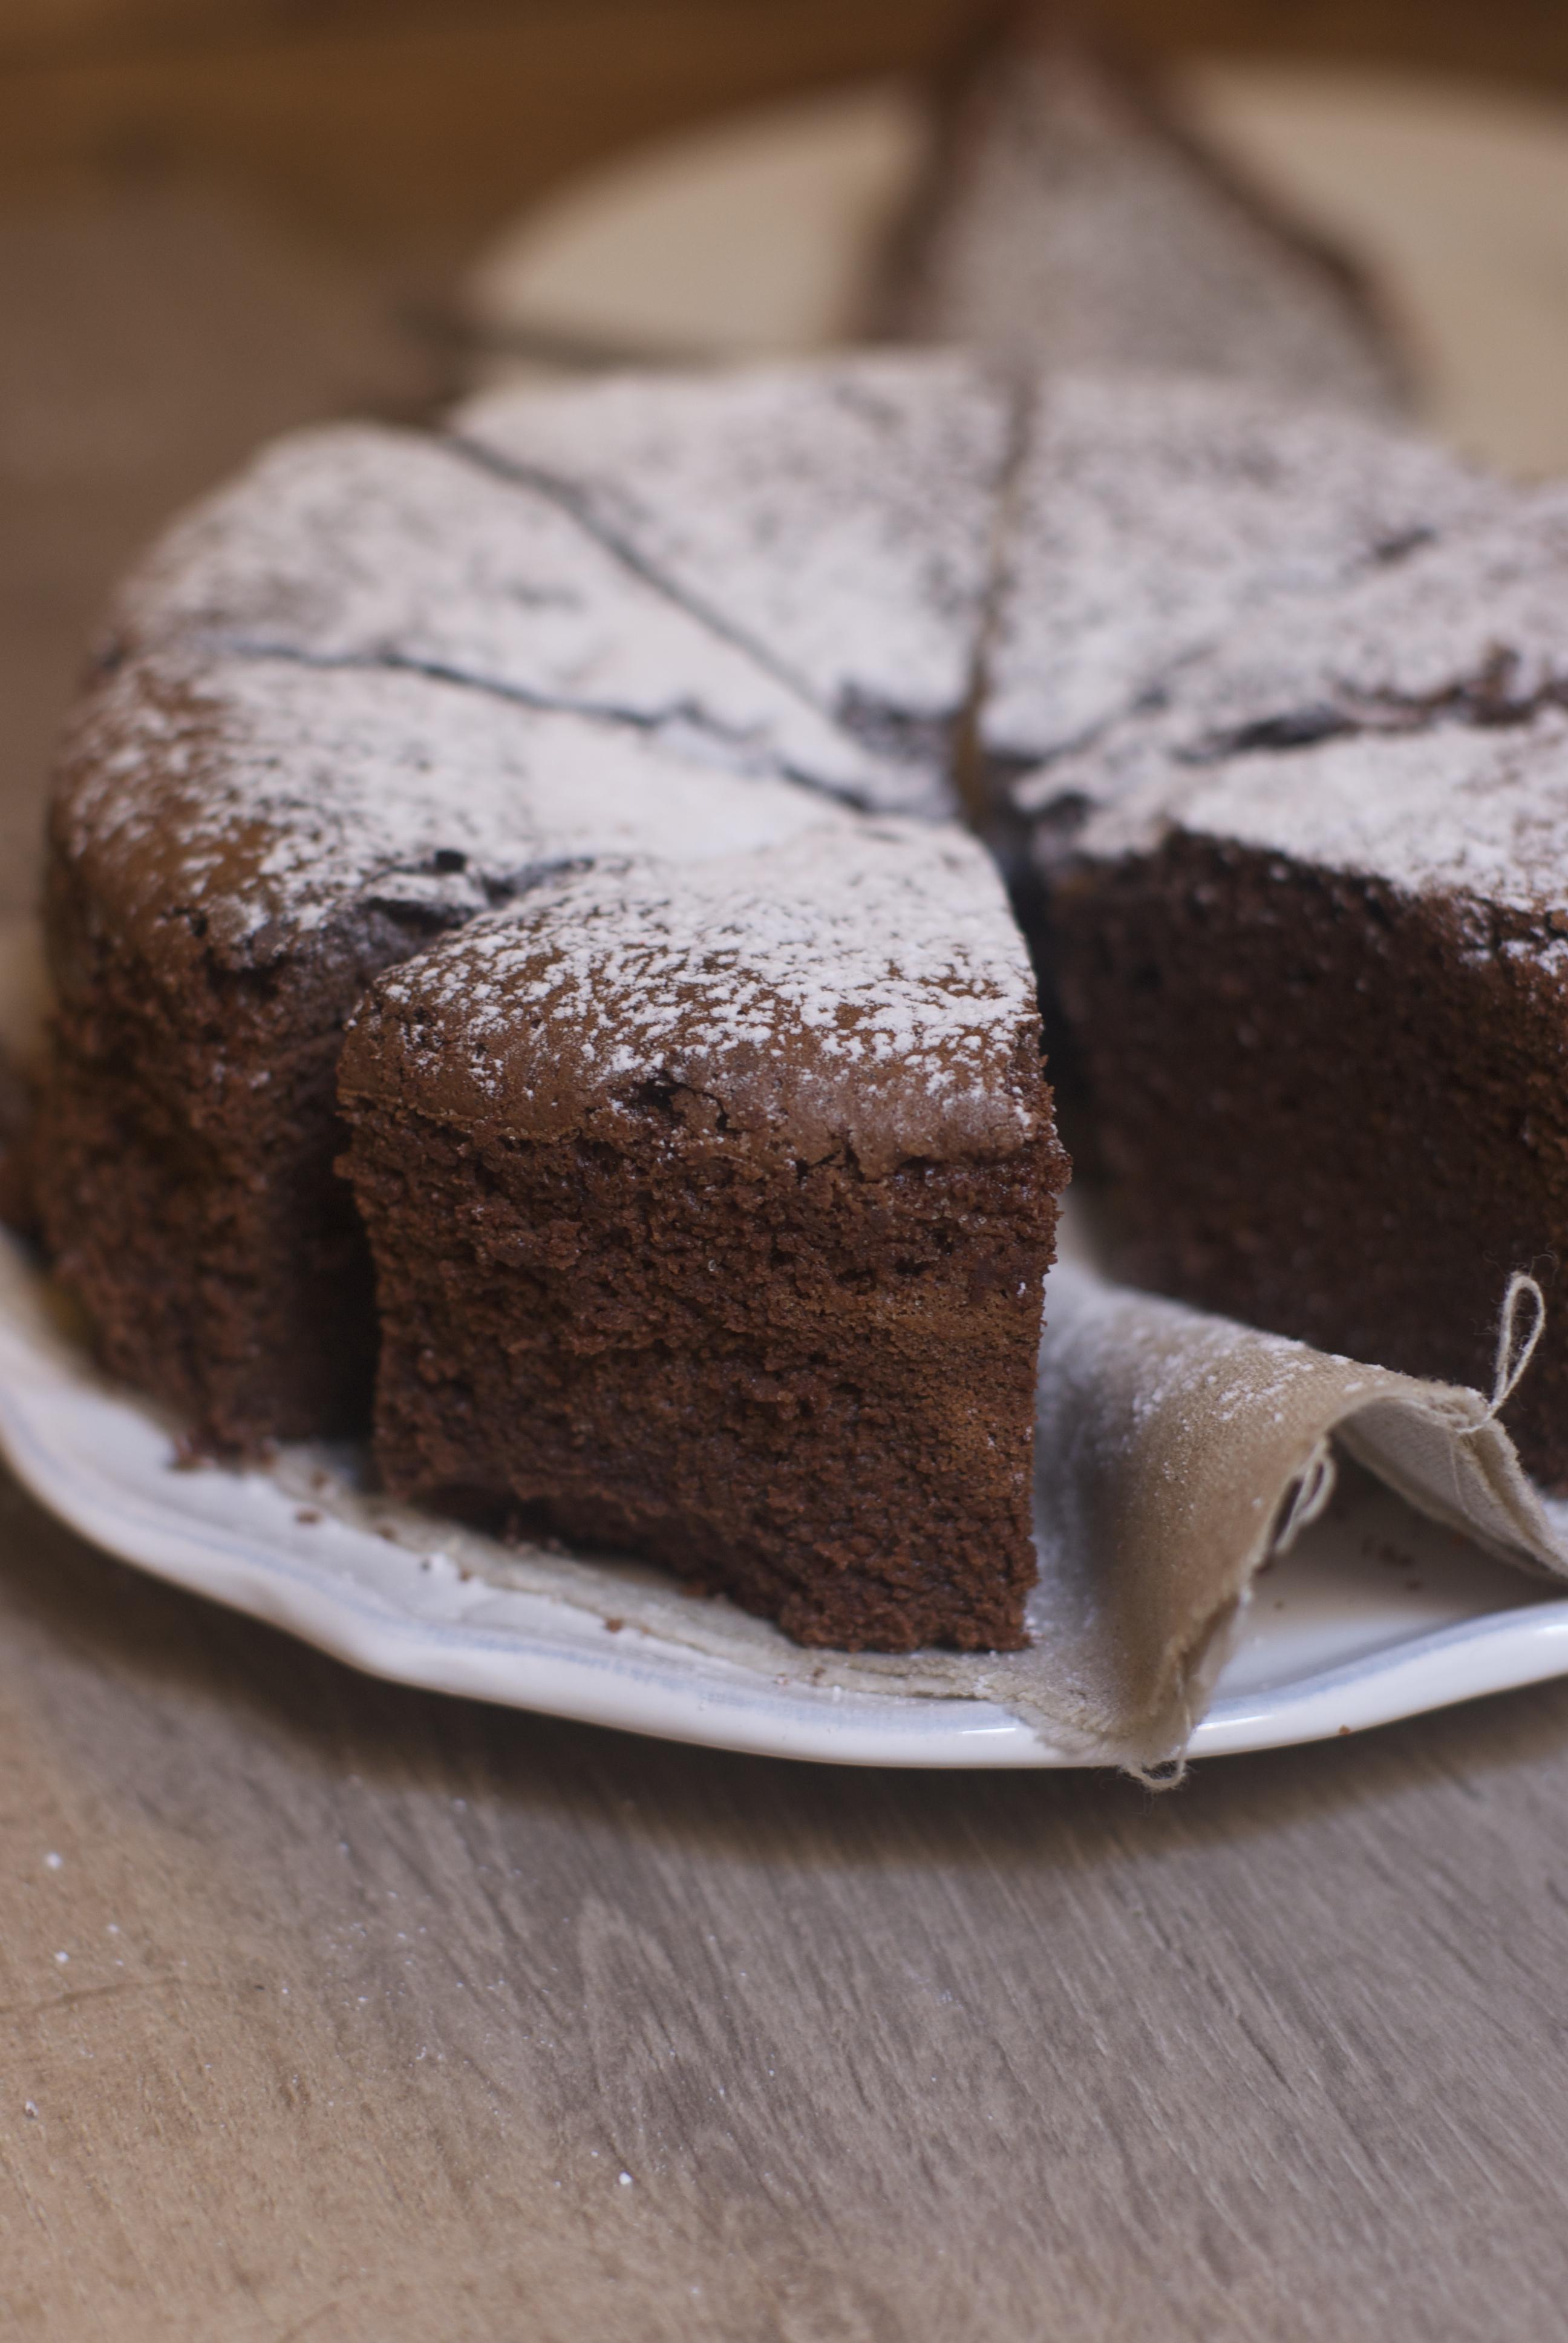 Gateau Au Chocolat Dans Moule A Cake